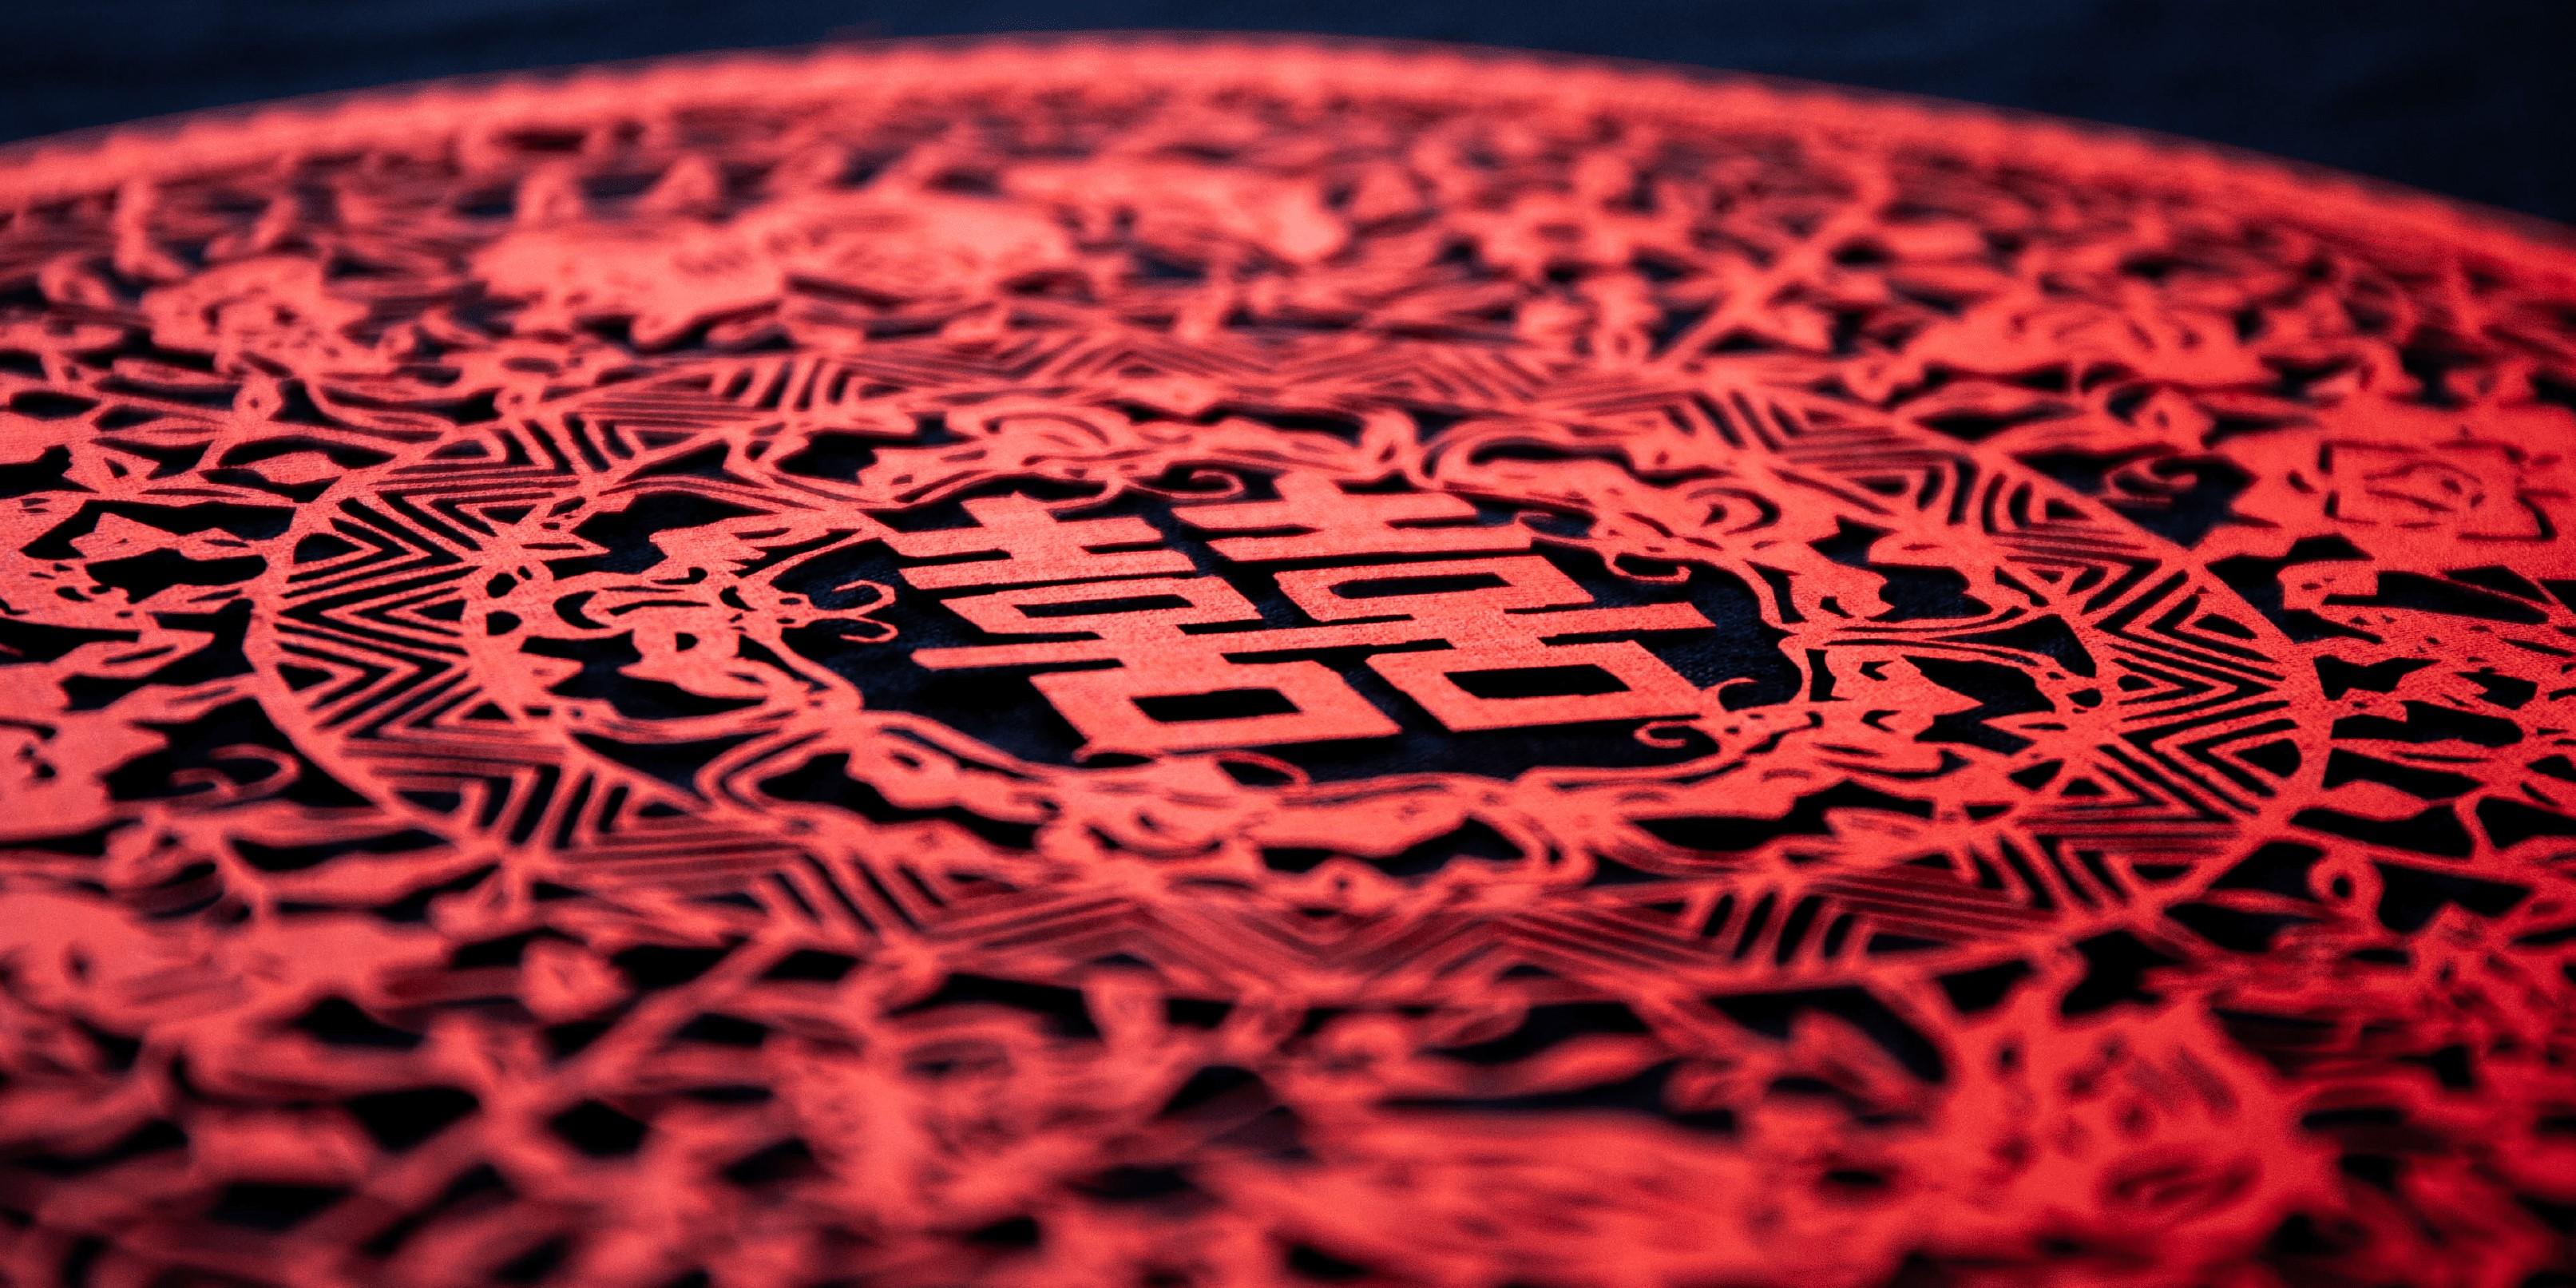 Happy Lunar New Year | DIY Paper Cutting of Window Decoration